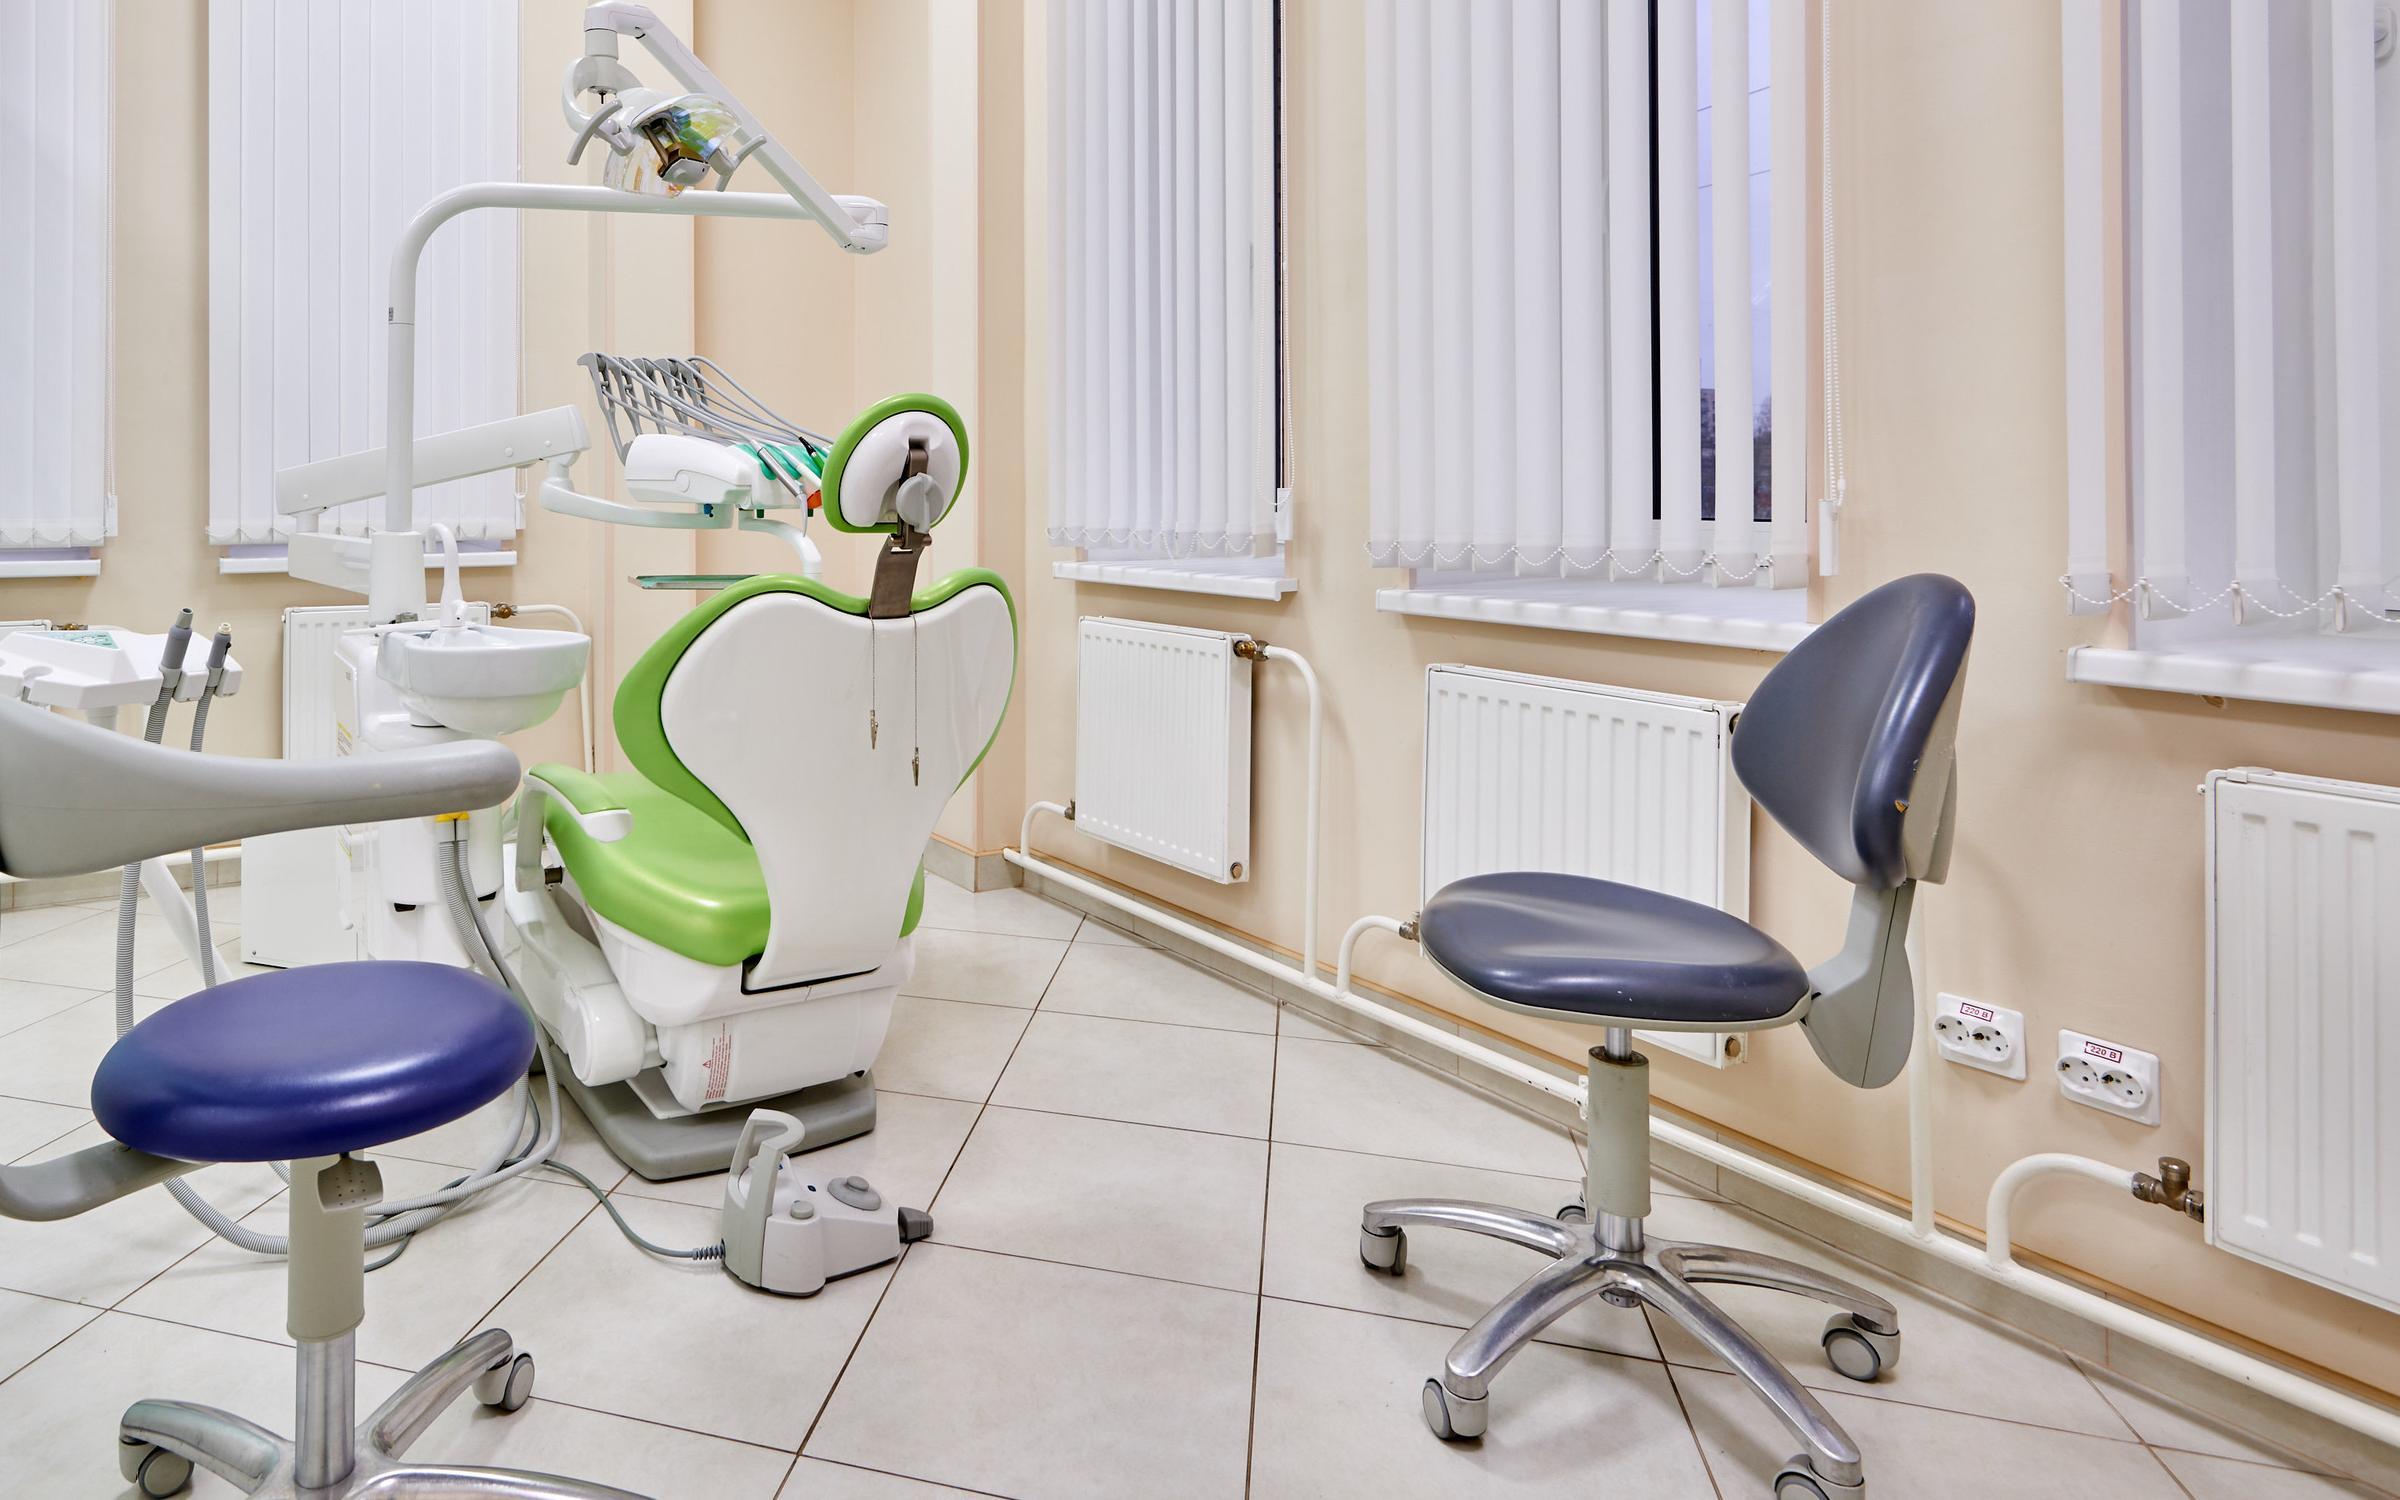 фотография Центра имплантации и стоматологии ИНТАН на Бухарестской улице